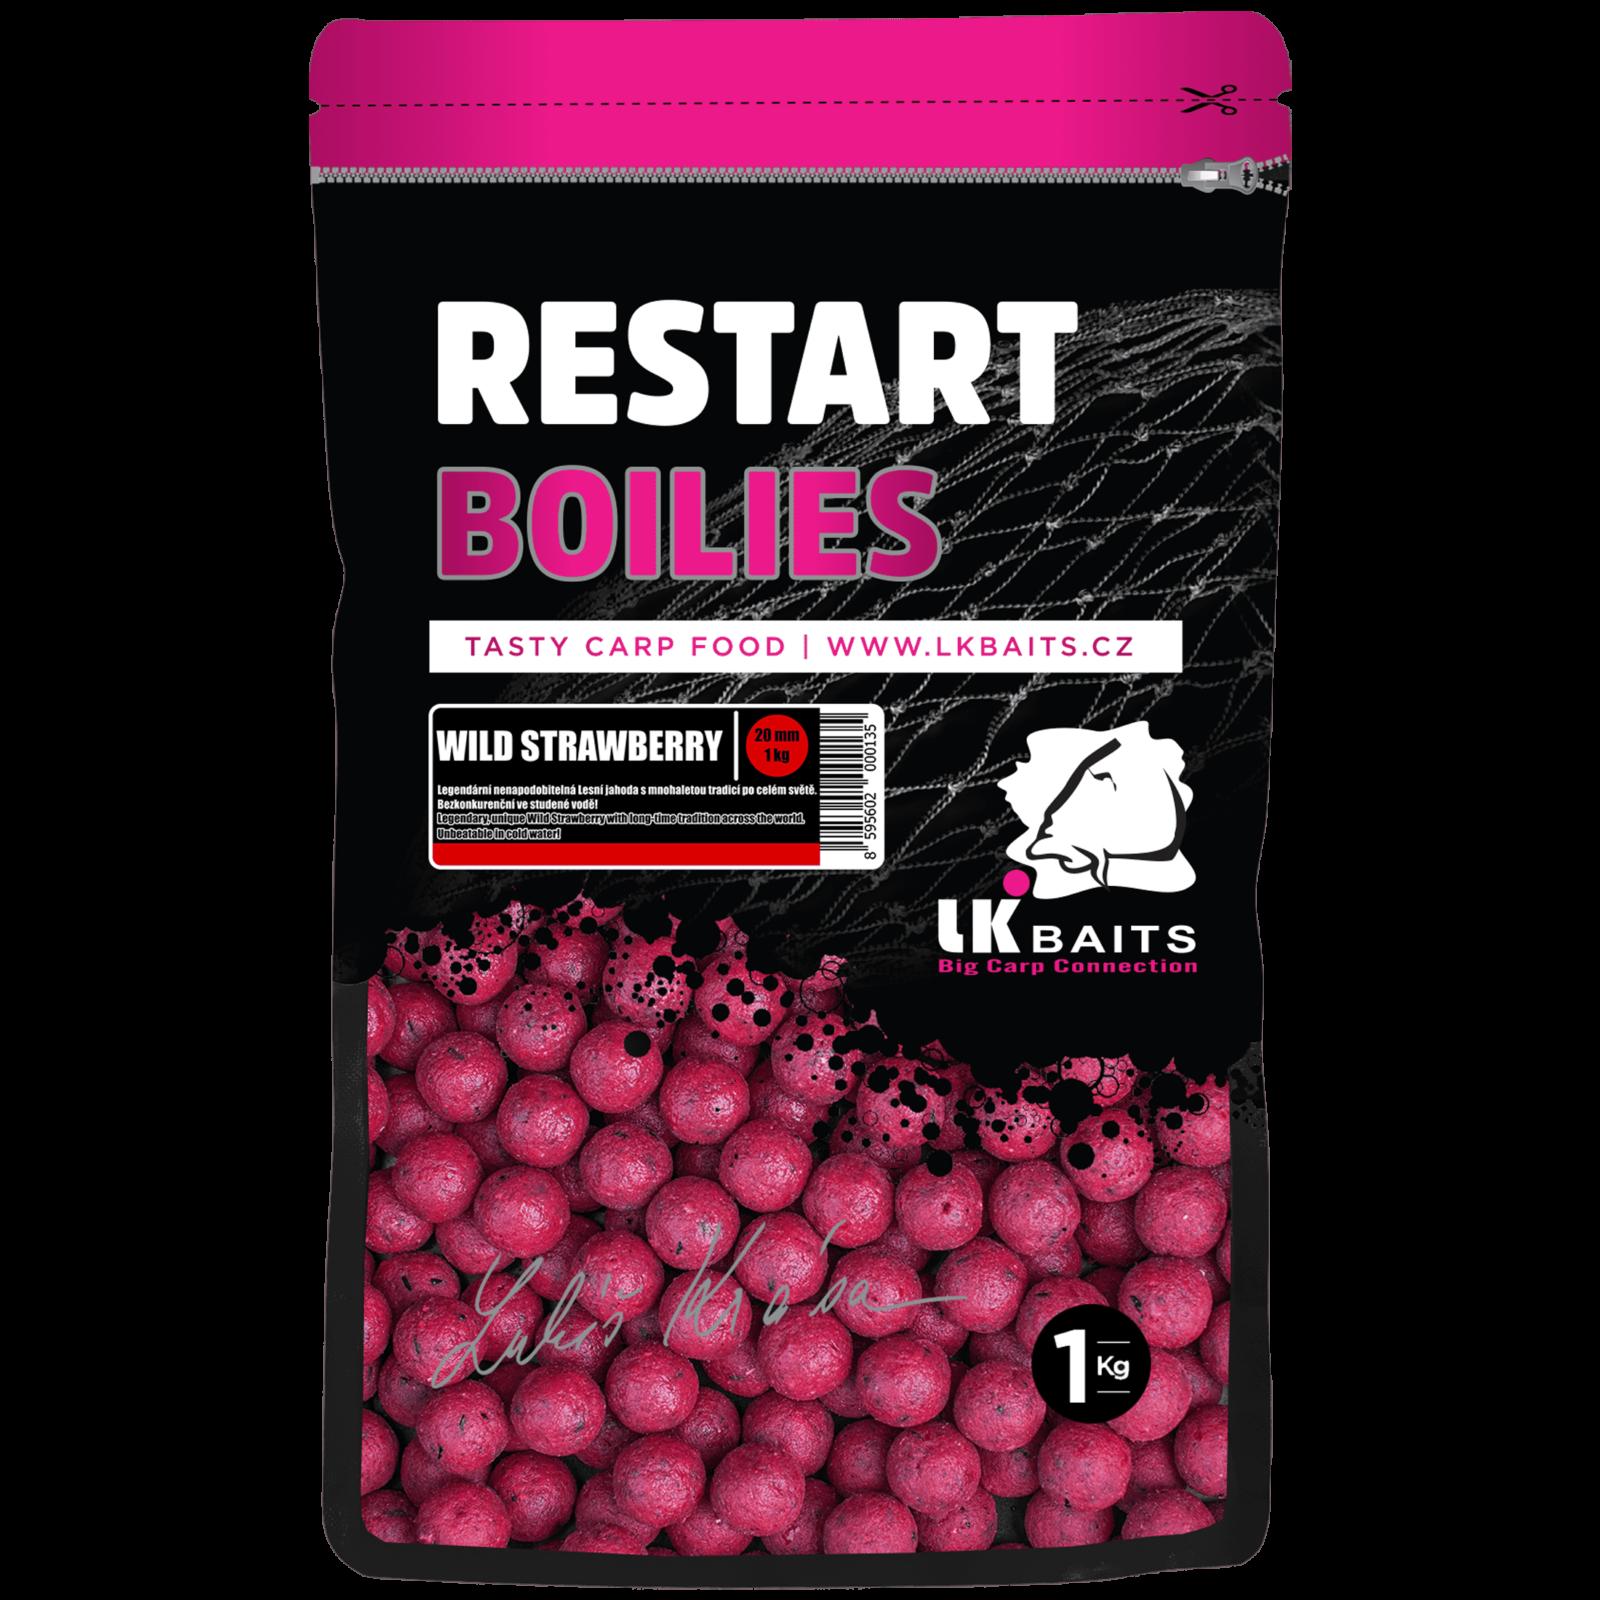 LK BAITS RESTART BOILIES WILD STRAWBERRY 1kg